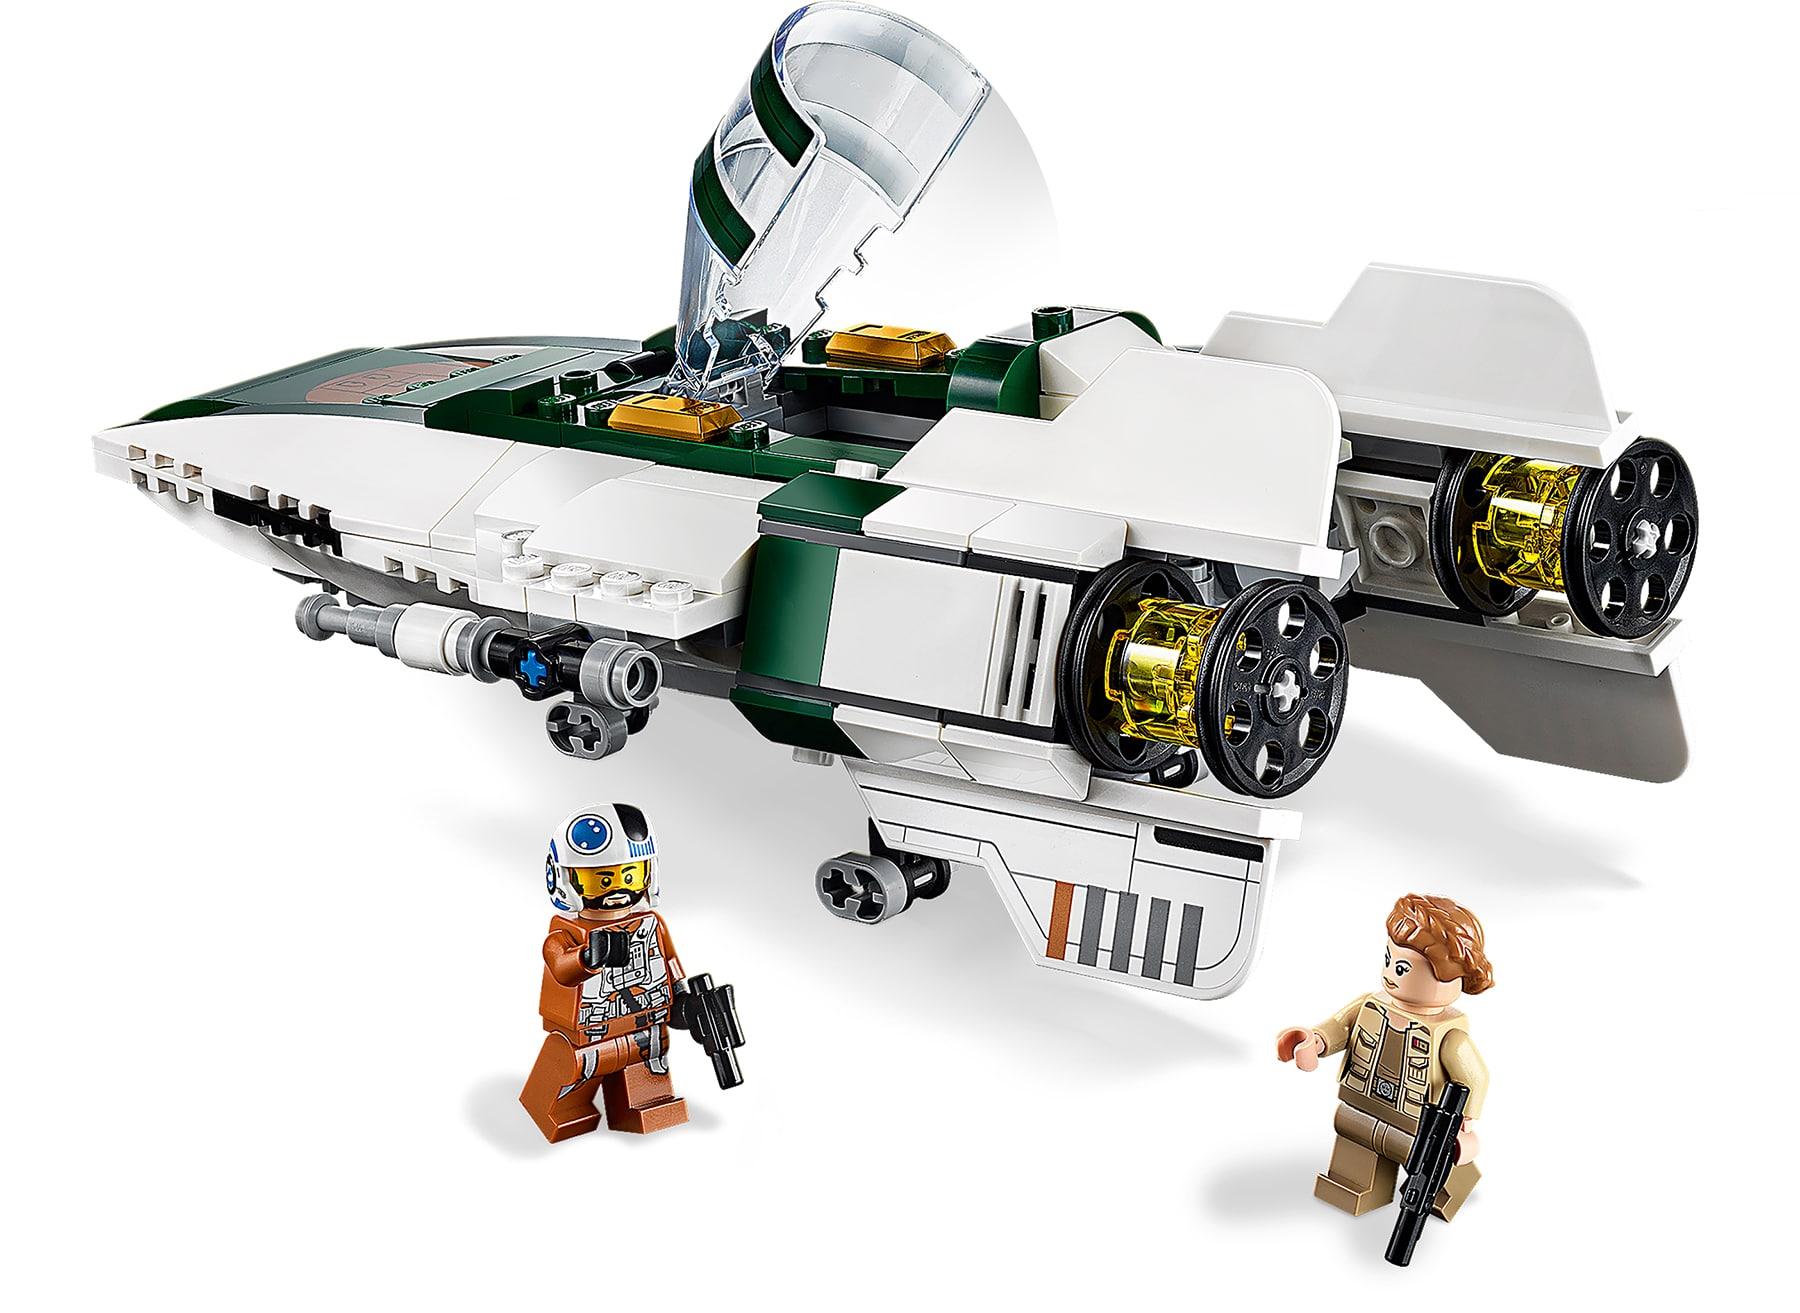 Lego Star Wars Oktober 2019 Alle 8 Sets Nun Offiziell Vorgestellt